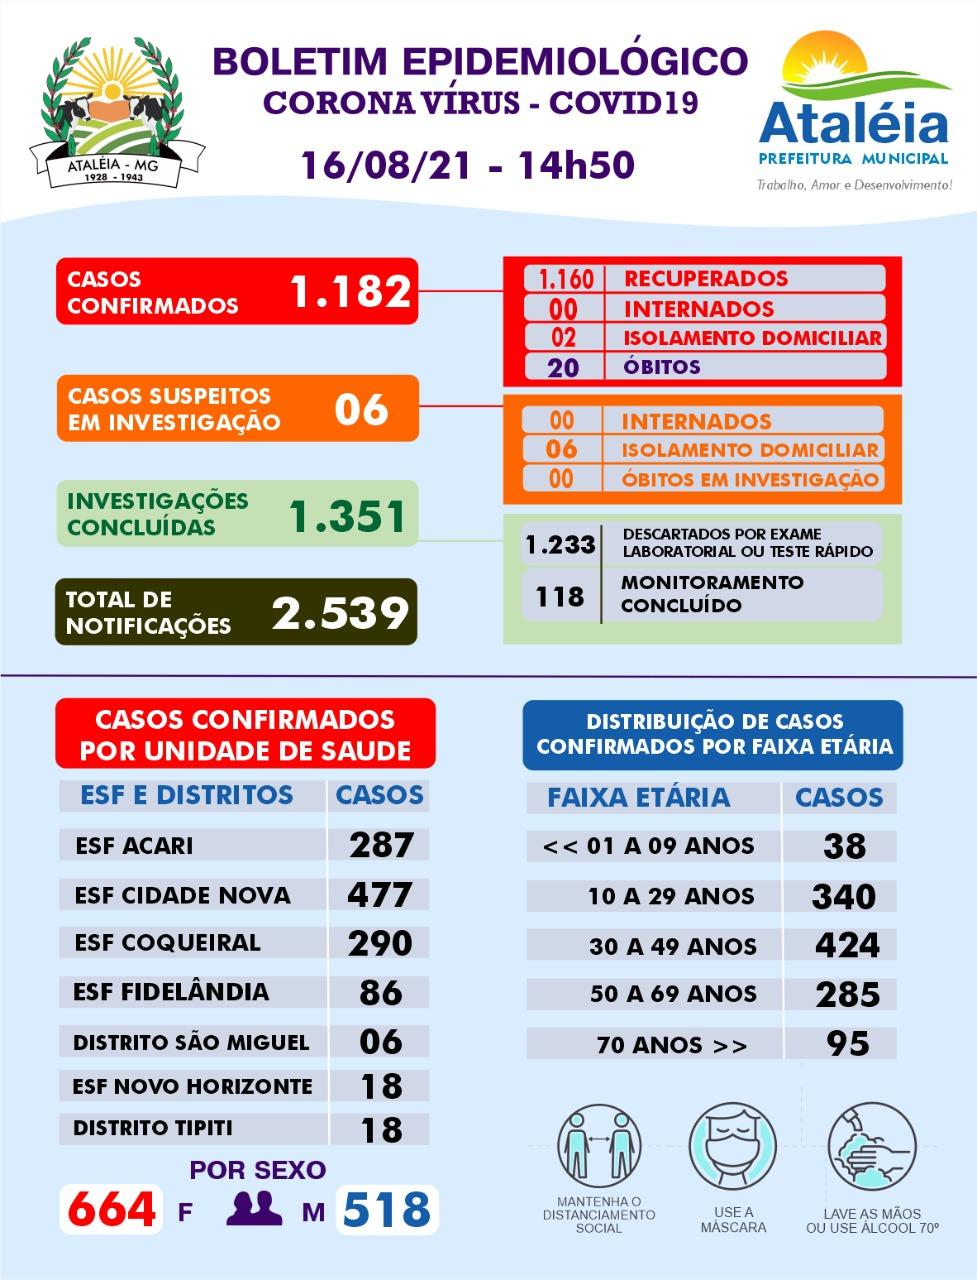 BOLETIM ATUALIZADO - 16 DE AGOSTO DE 2021 📊🚑